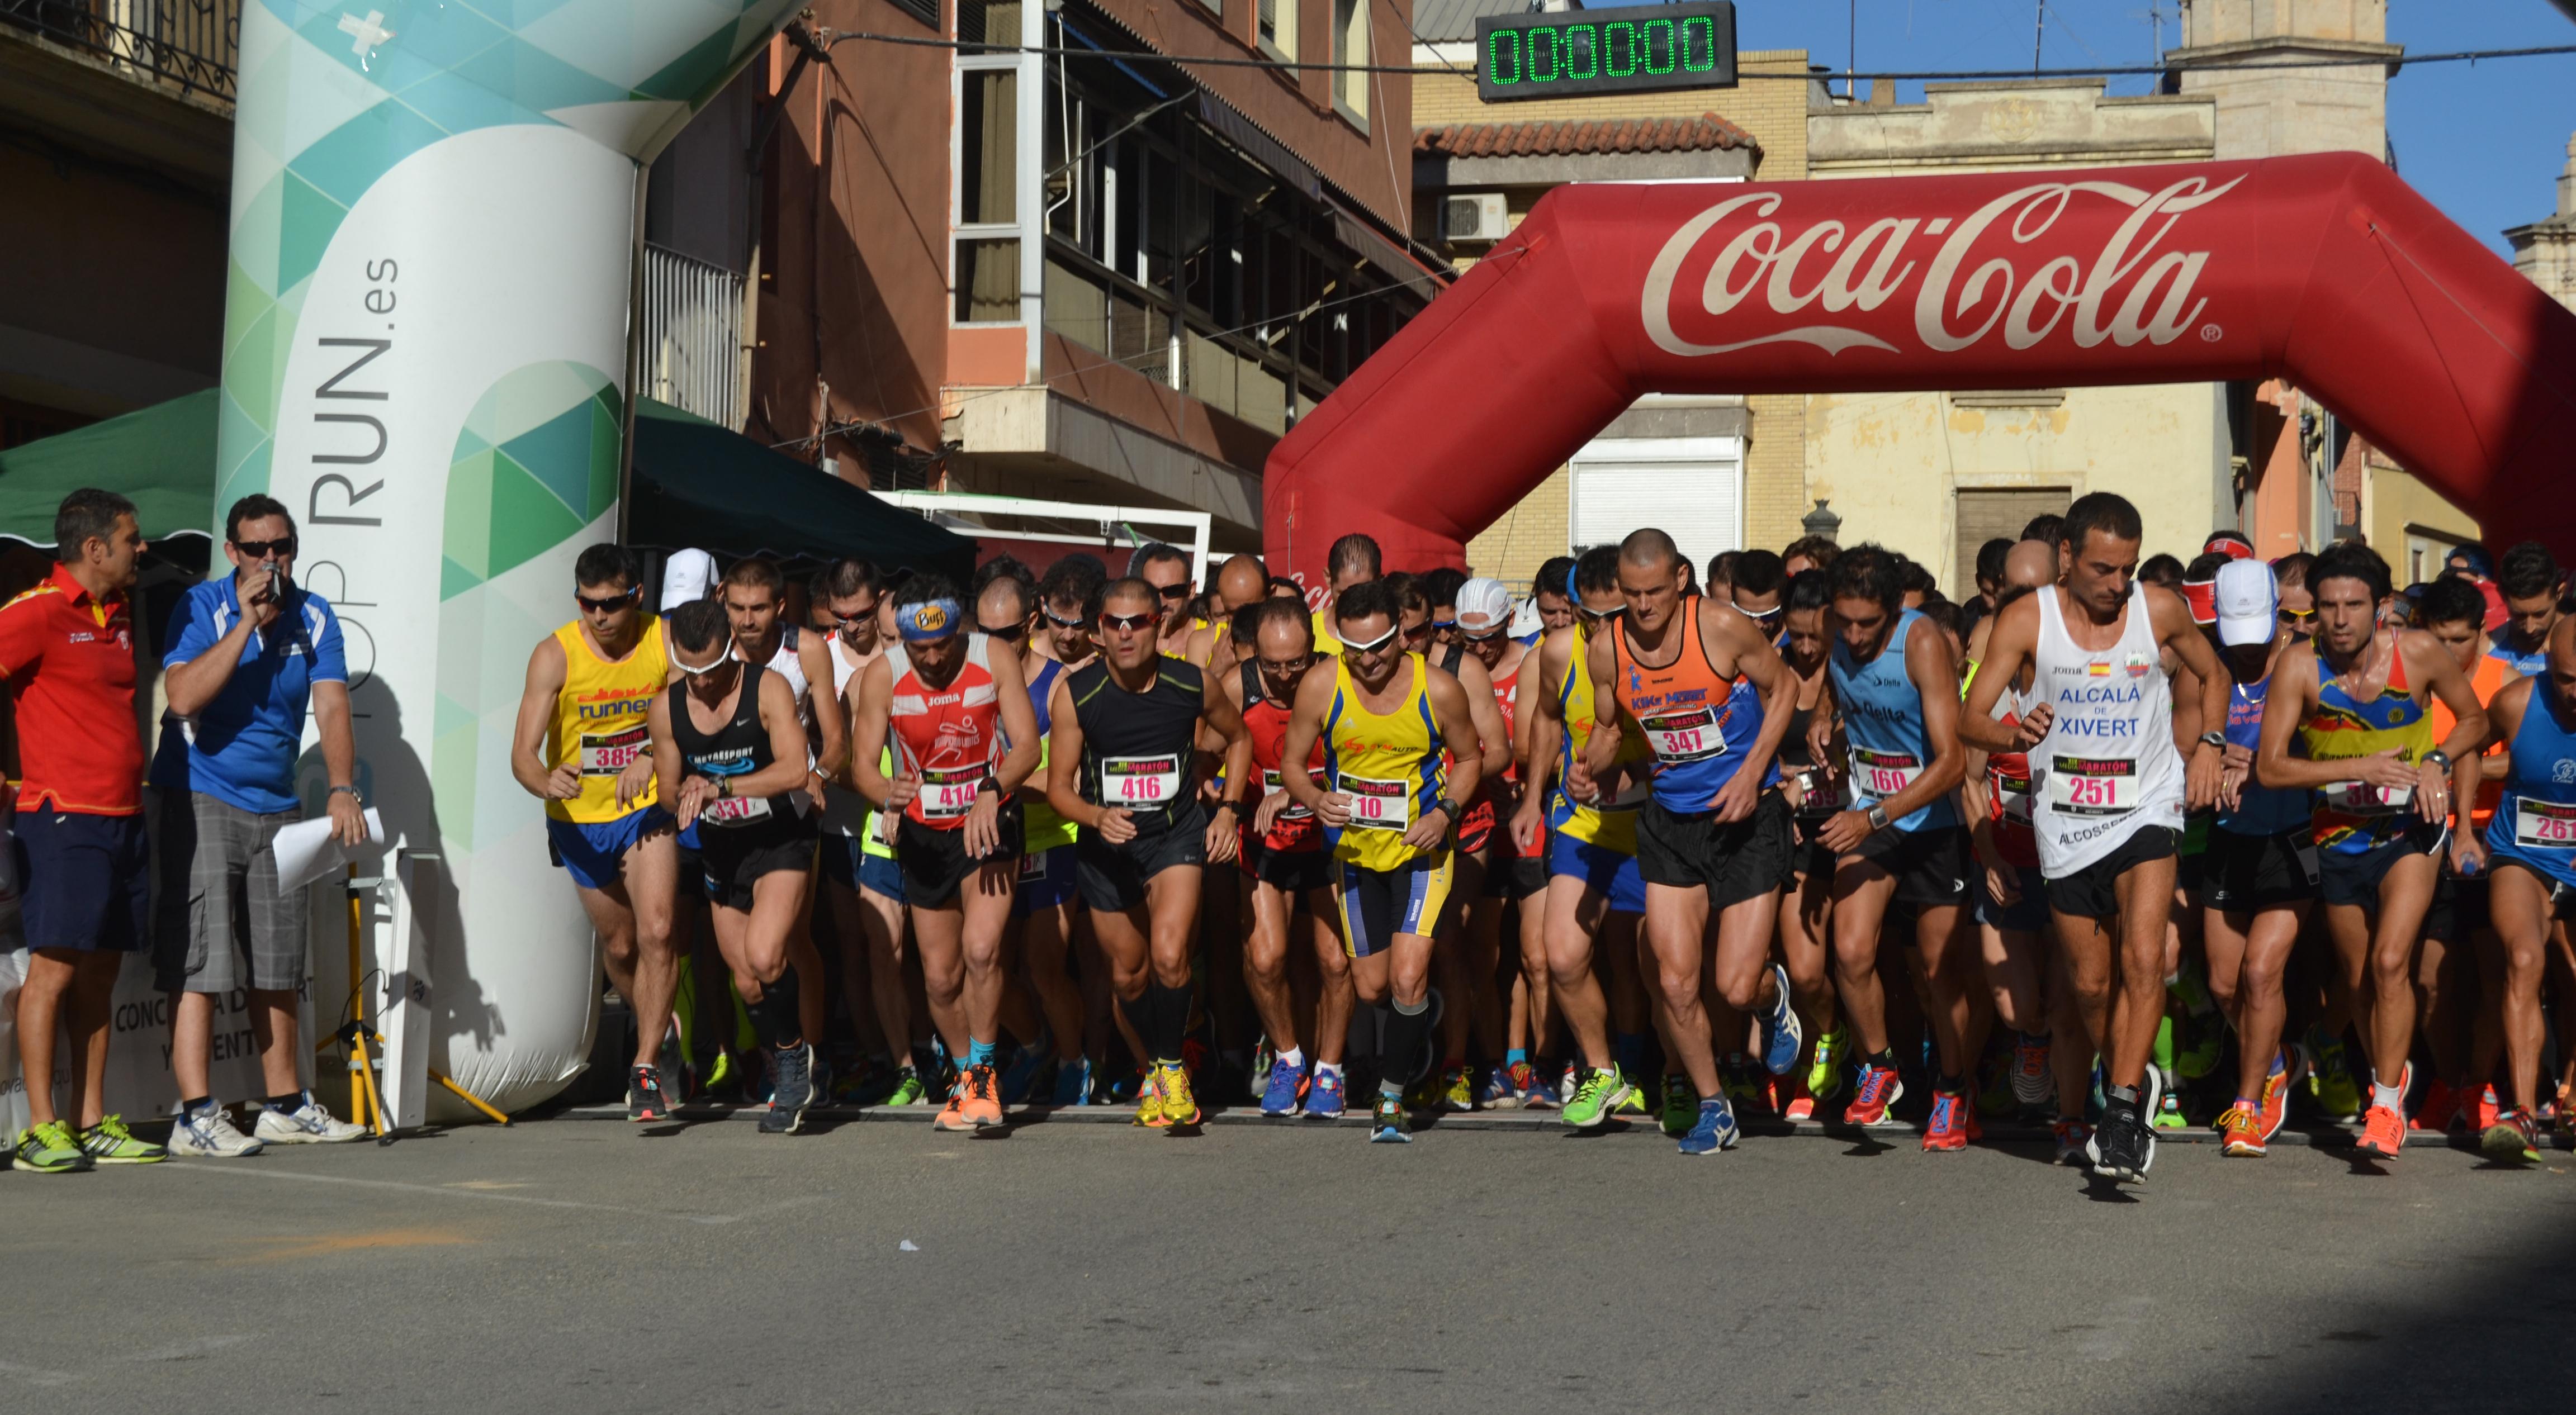 La retirada de dorsales se hará el mismo día de la carrera de 8 a 9,45 horas en la plaza Doctor Cajal.